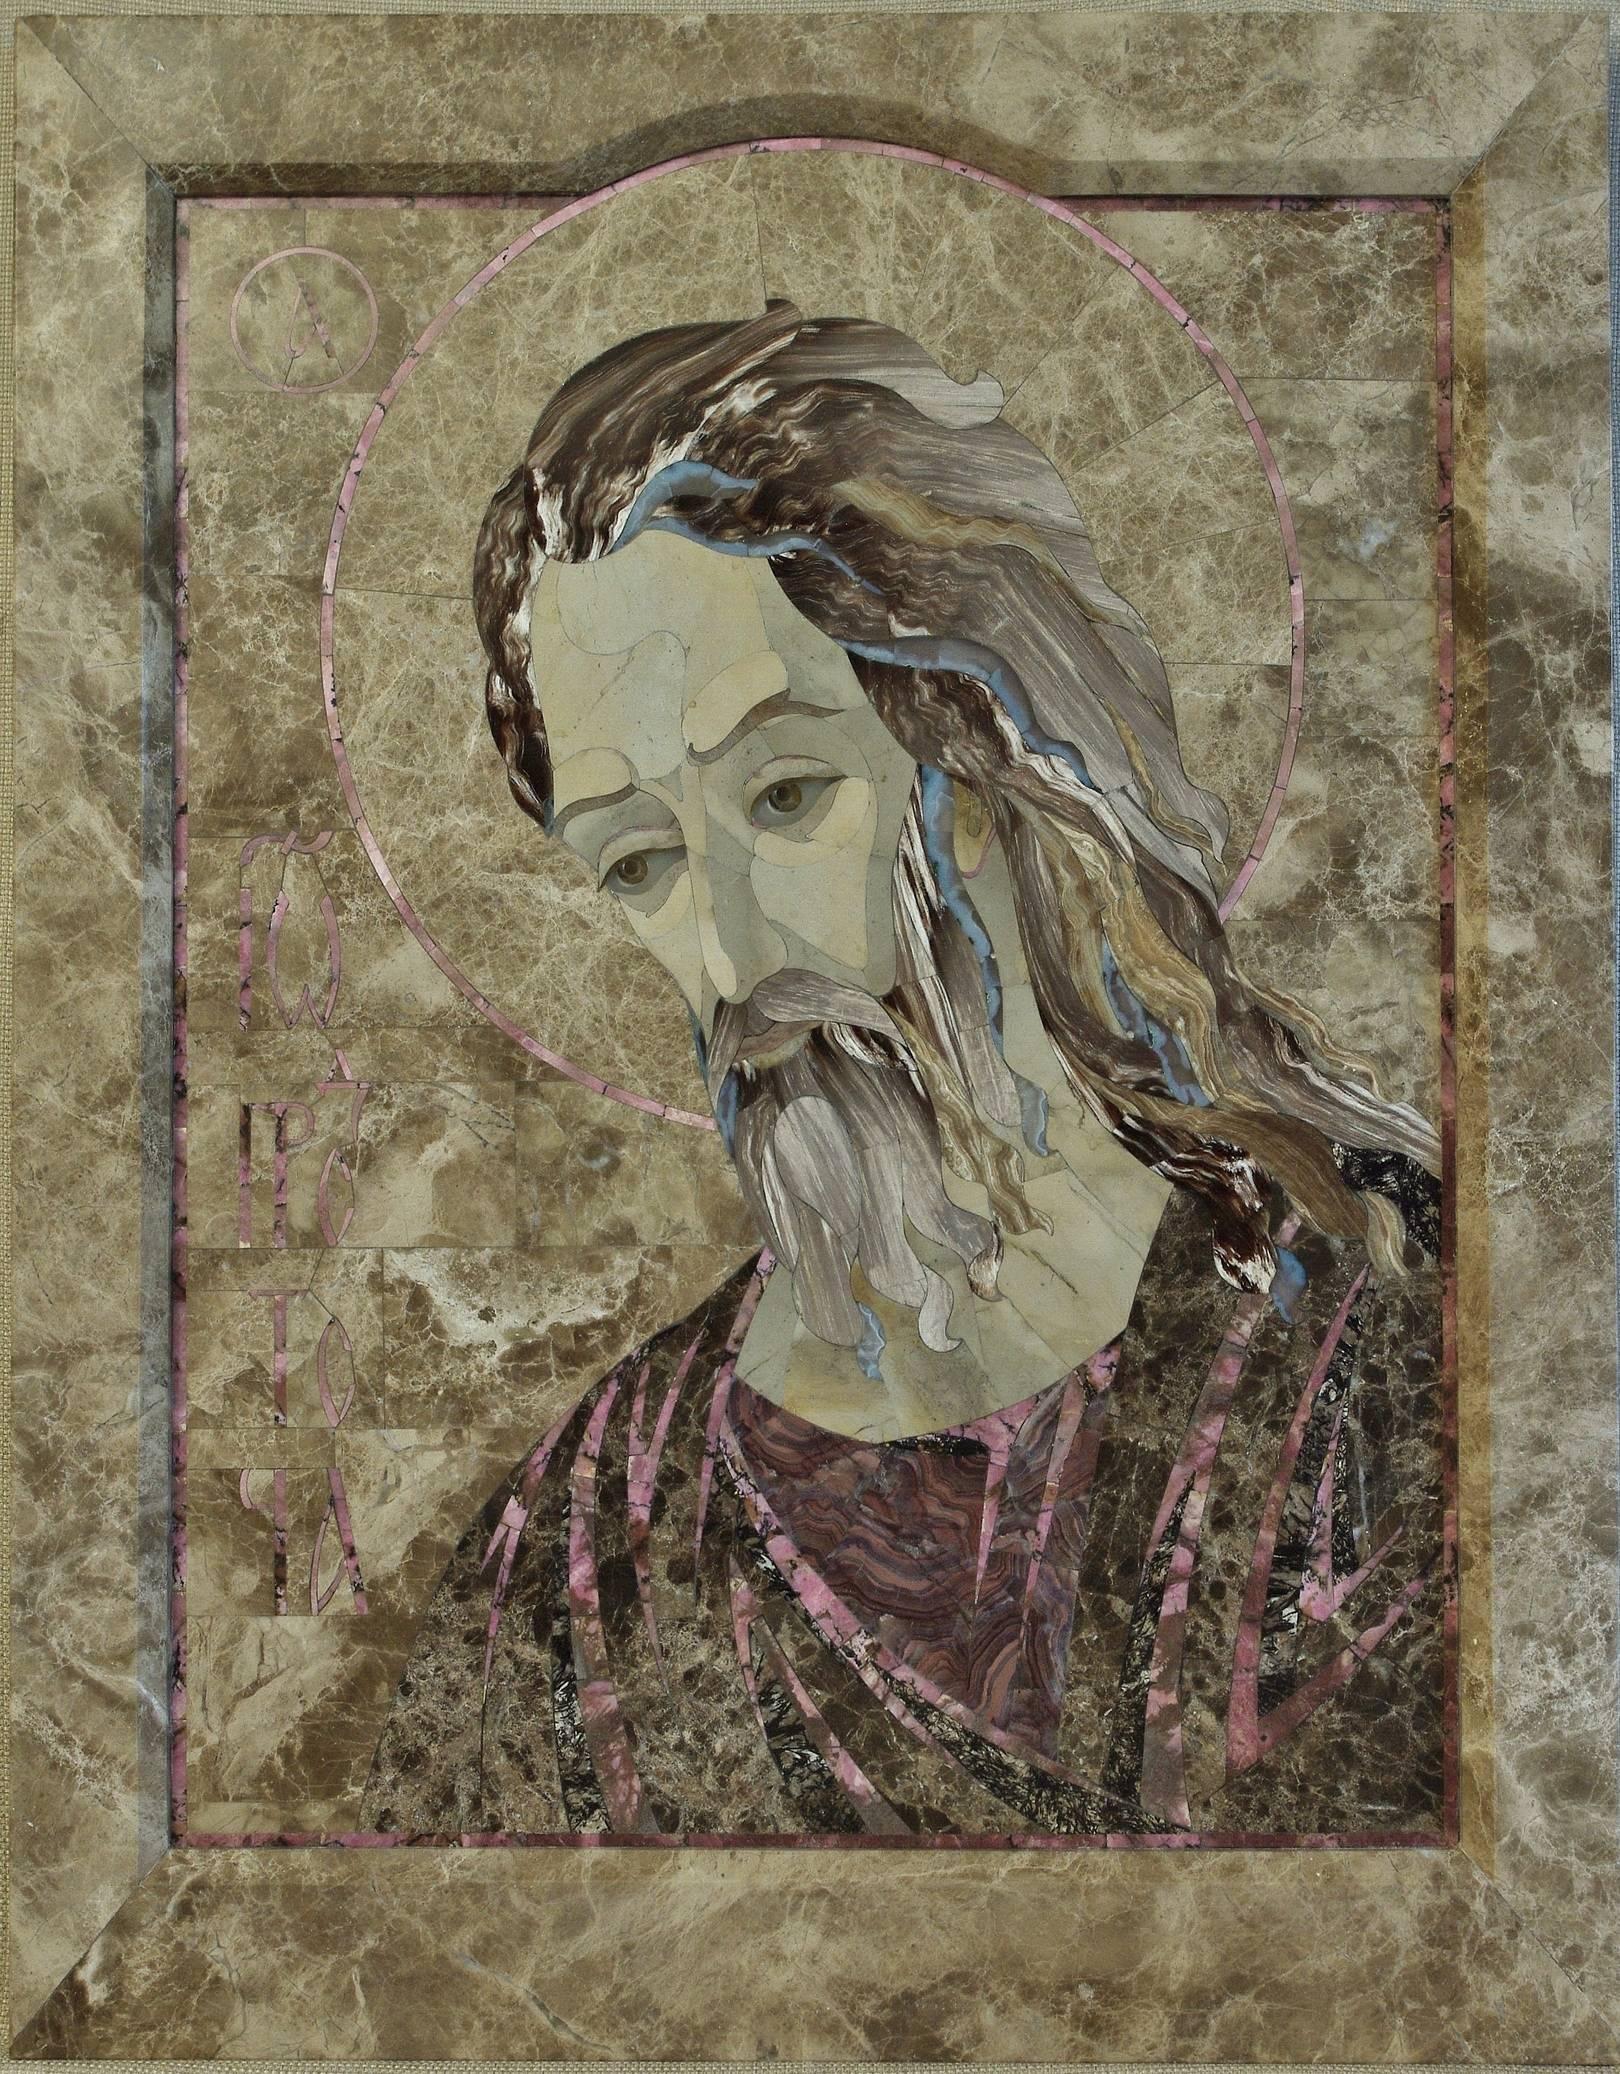 Иоанн Предтеча   флорентийская мозаика:мрамор, родонит, астрофилит, флюорит, кремень, агат, окаменелое дерево, оникс, сердолик, нефрит медовый. 60 х 78 см.